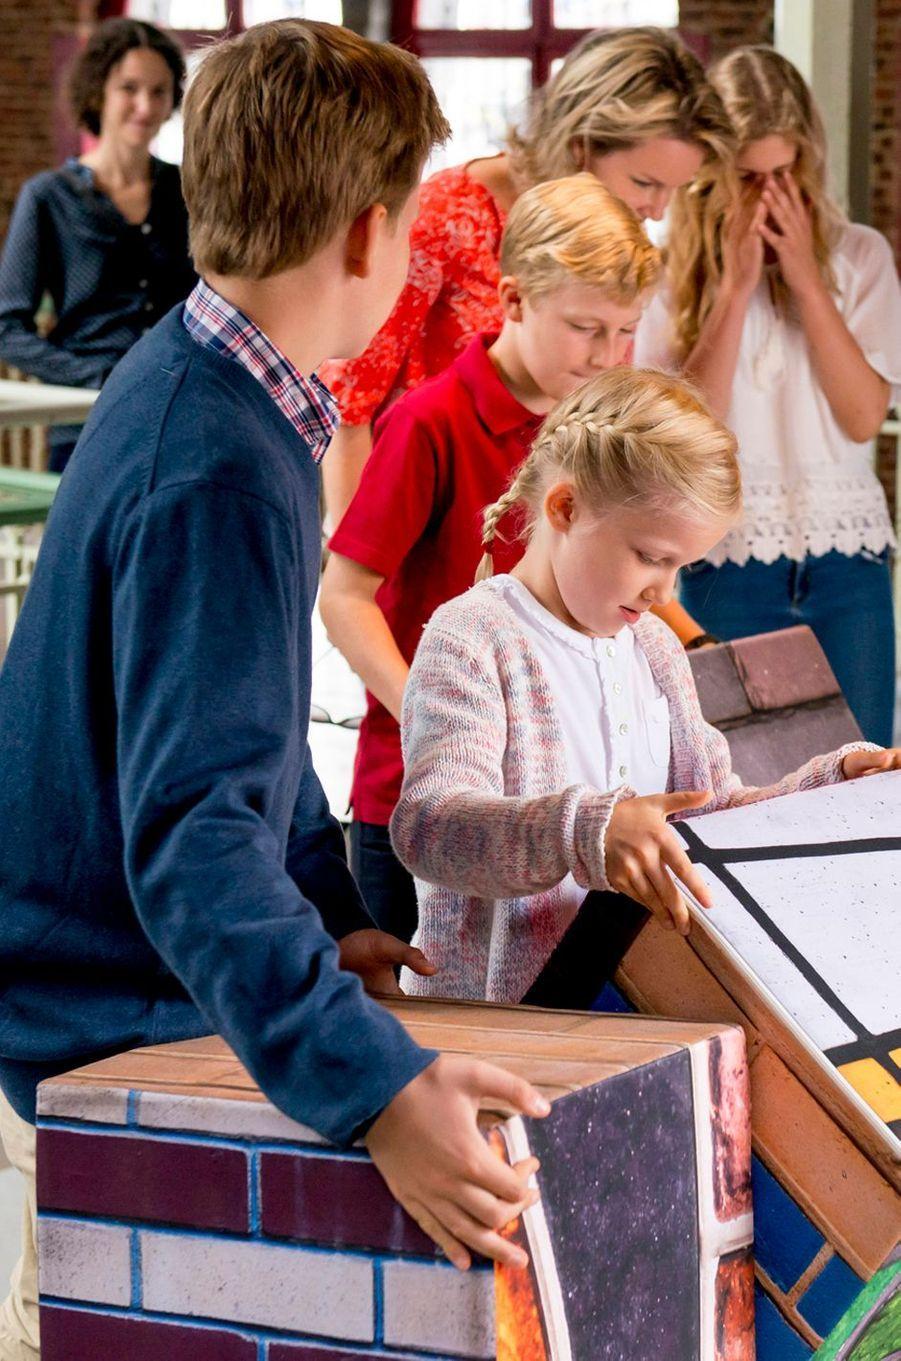 La reine Mathilde de Belgique et ses enfants à Bruxelles, le 18 septembre 2016